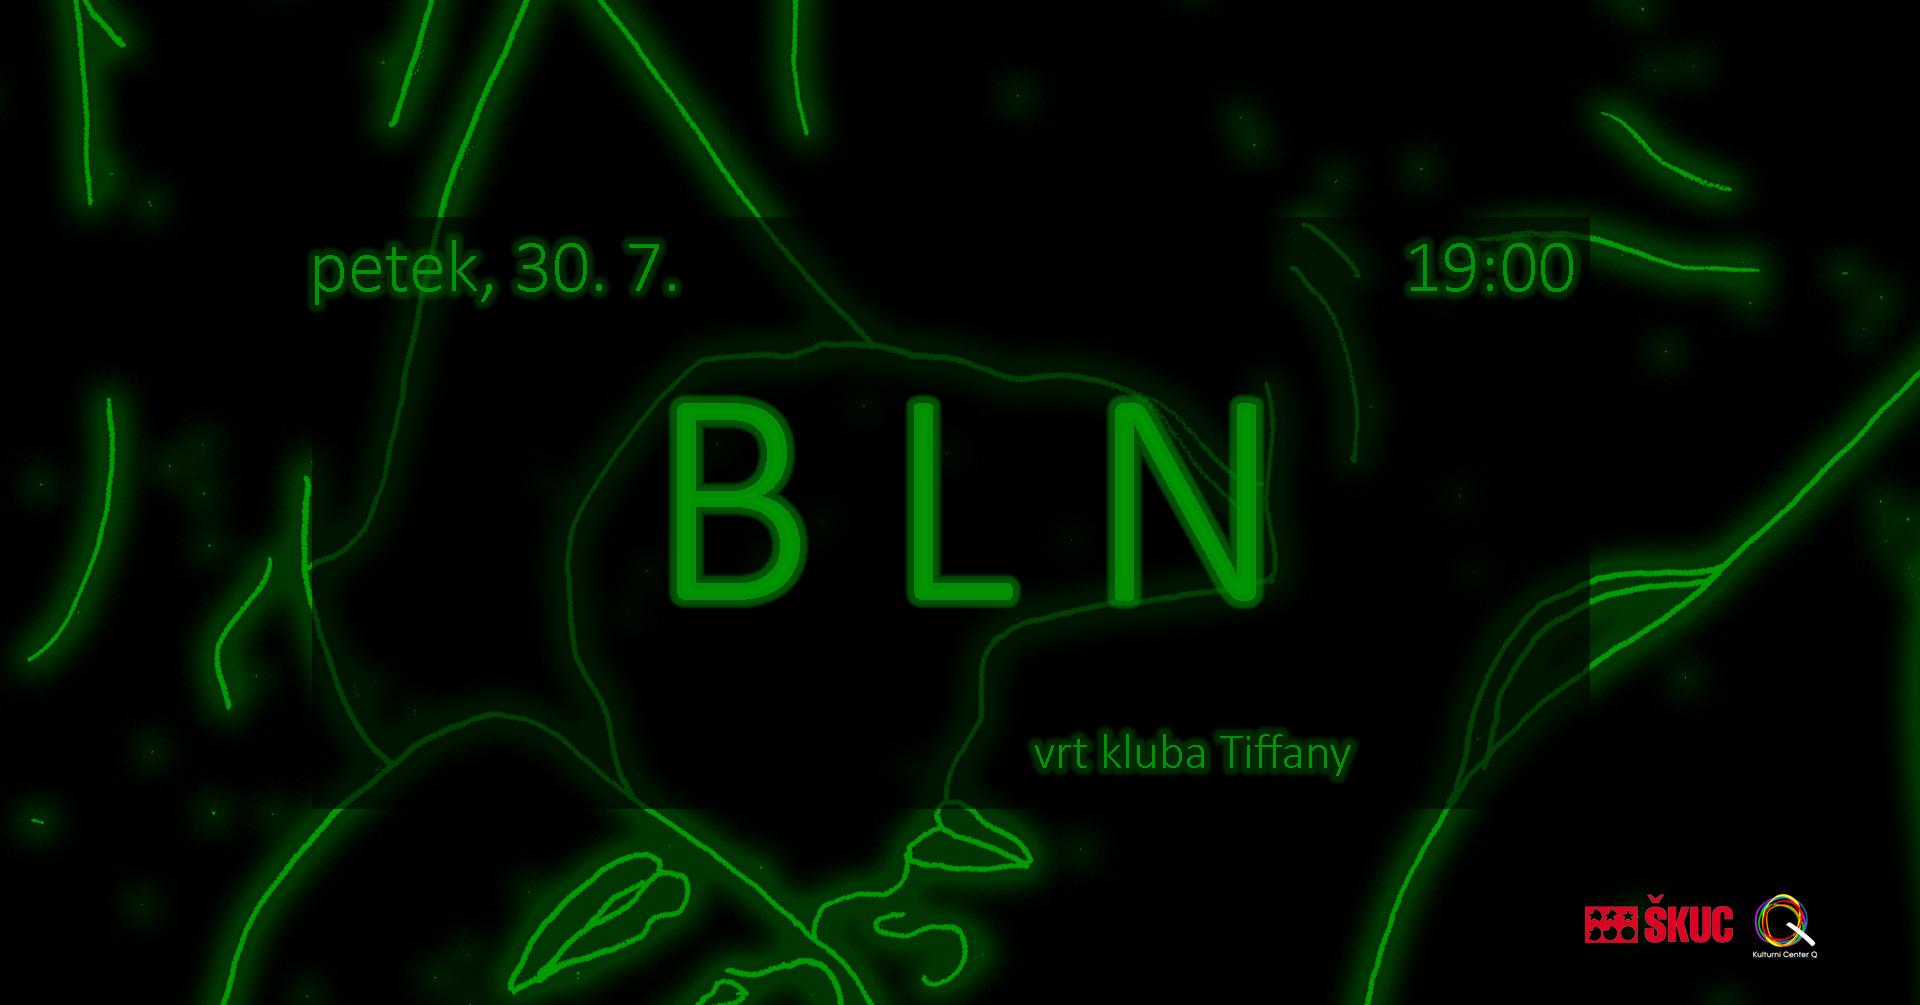 BLN 30.7. petek